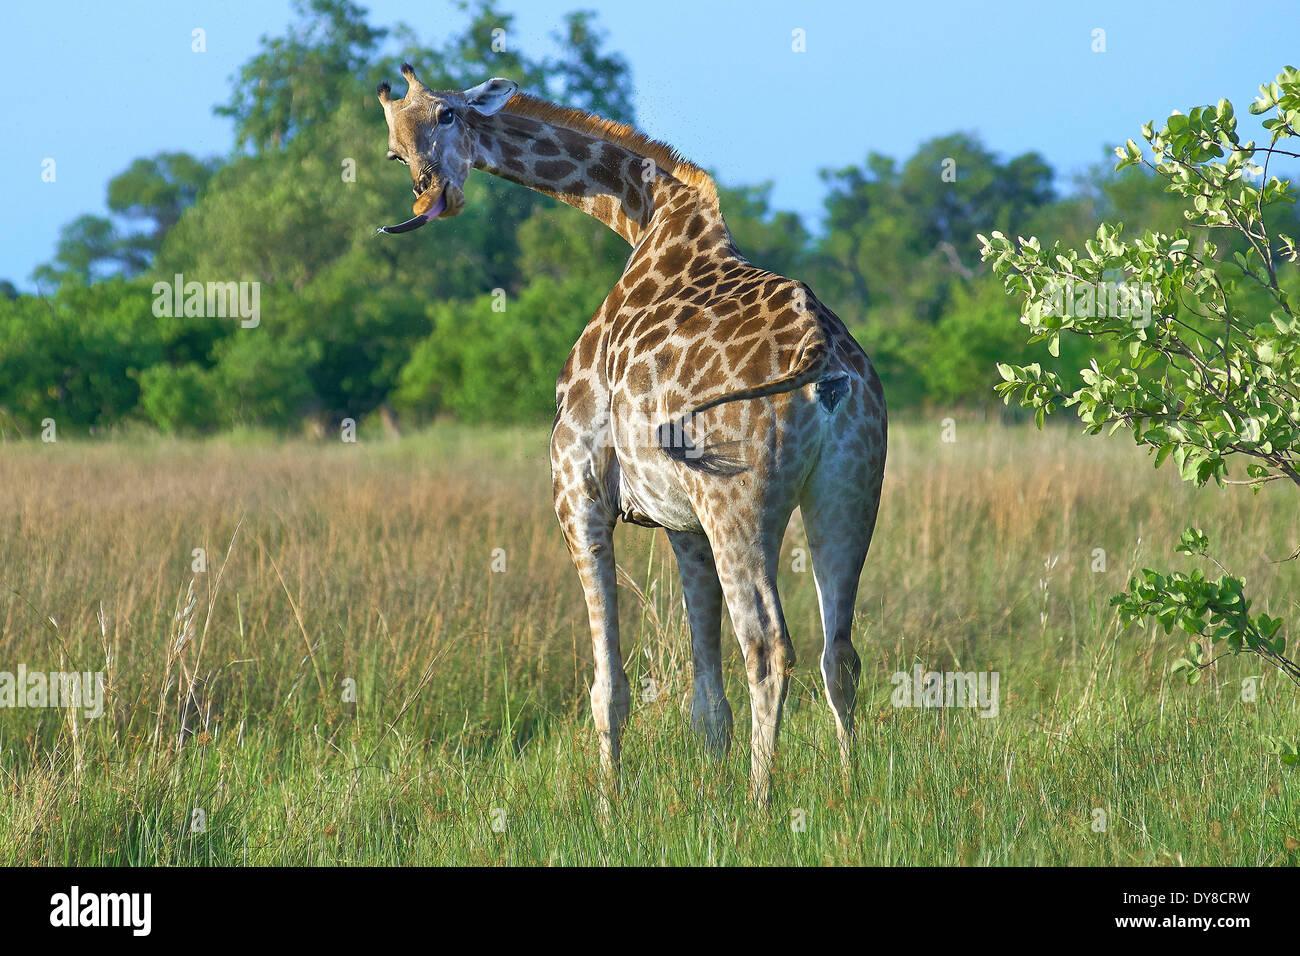 Botswana, Africa, giraffe, Moremi, animals, - Stock Image